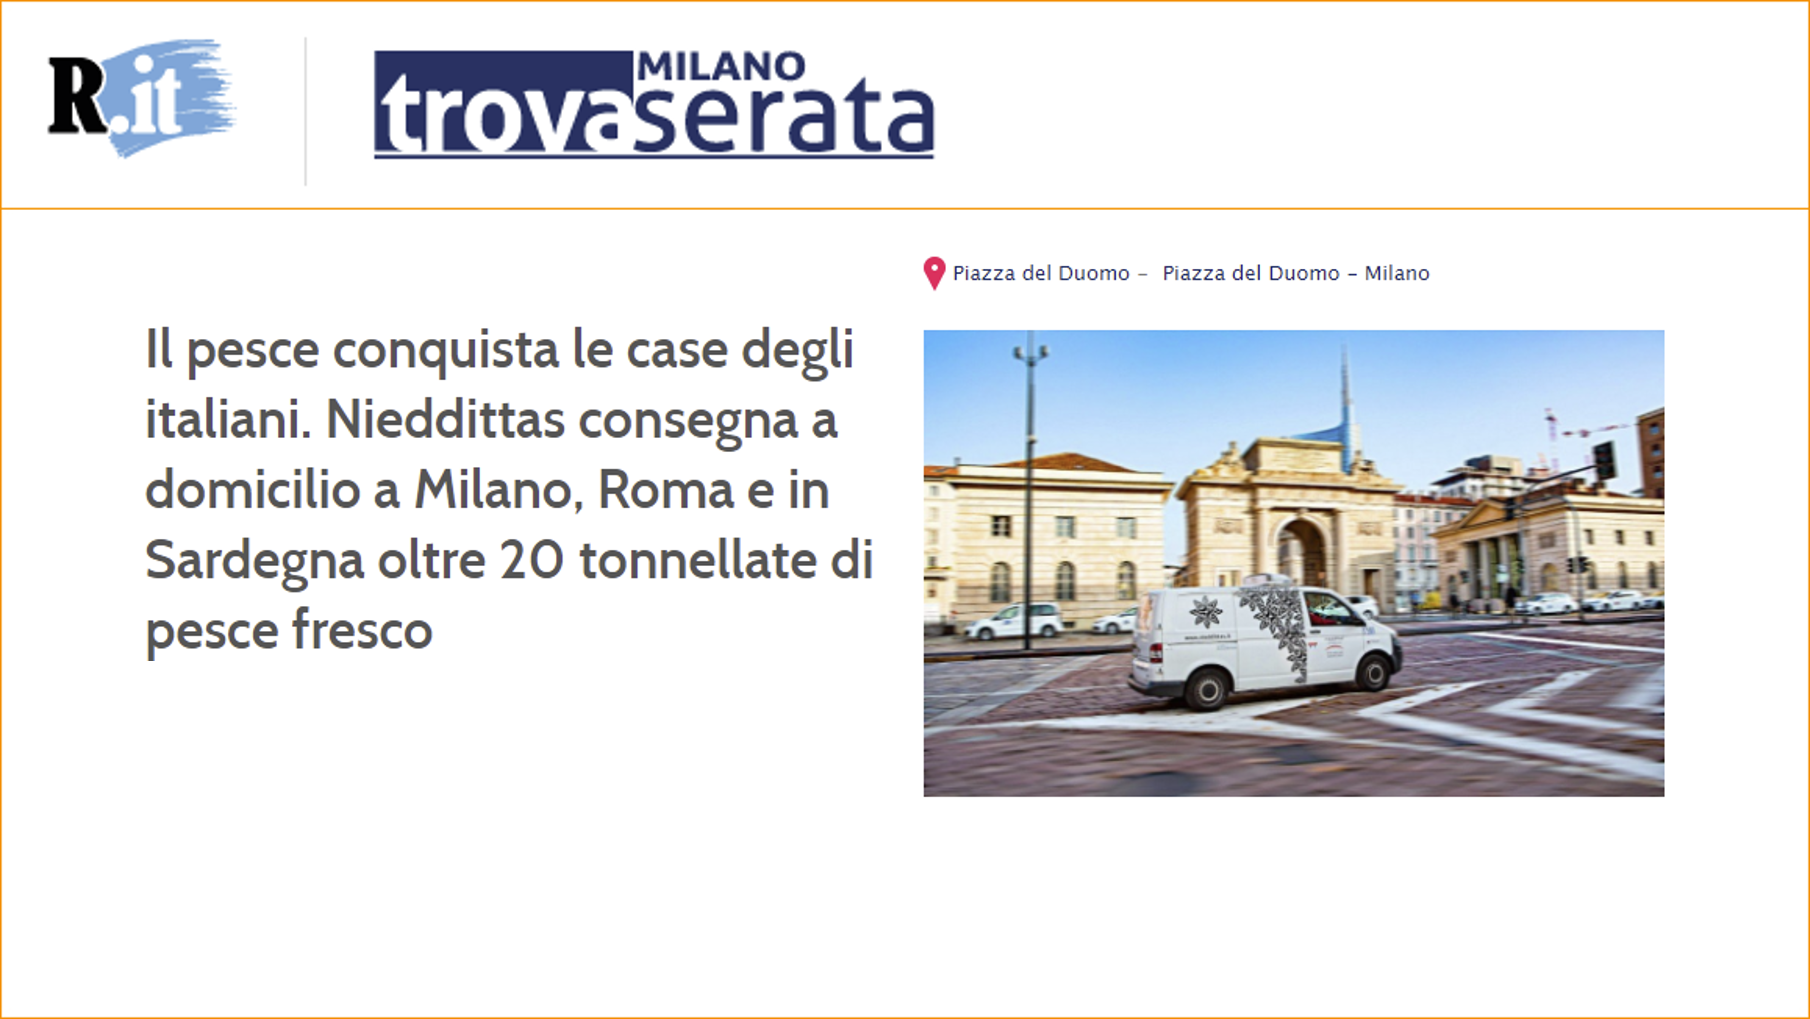 Il pesce conquista le case degli italiani. Nieddittas consegna a domicilio a Milano, Roma e in Sardegna oltre 20 tonnellate di pesce fresco